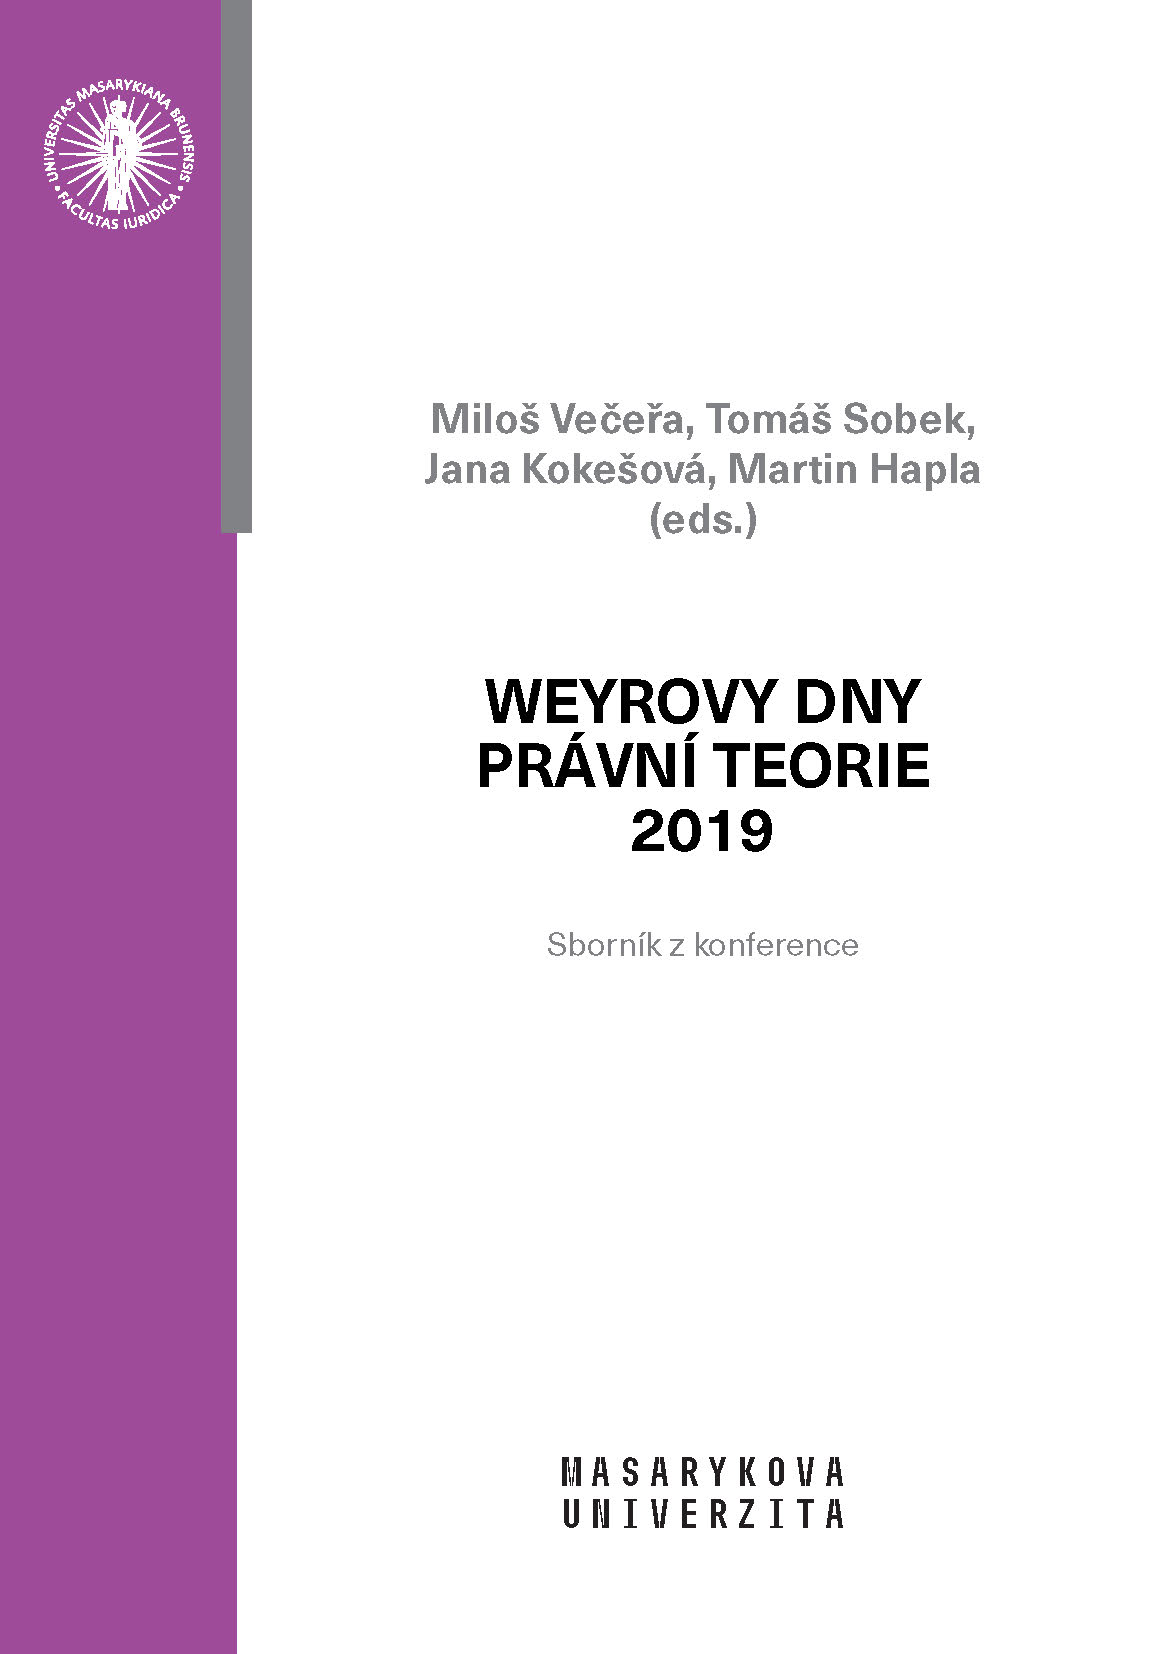 Obálka pro Weyrovy dny právní teorie 2019